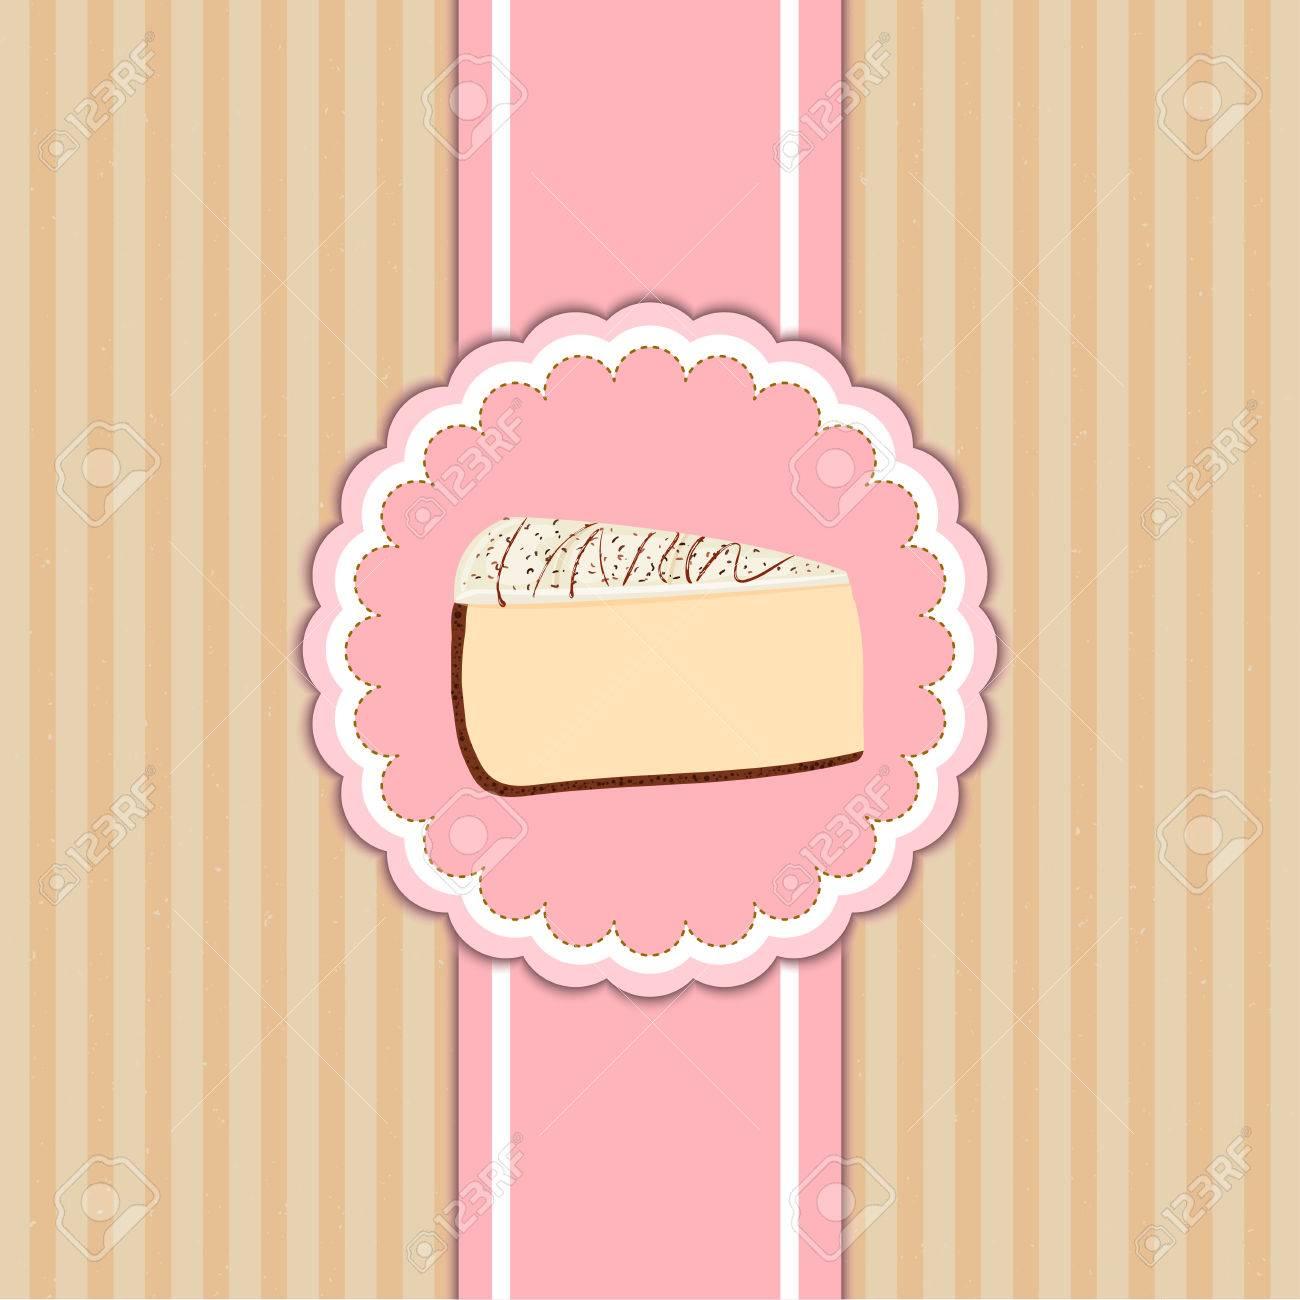 Ein Stück Kuchen In Einem Rosa Kreis Auf Beige Hintergrund Jahrgang. Ideen  Für Die Gestaltung Von Kuchen Menü Im ...